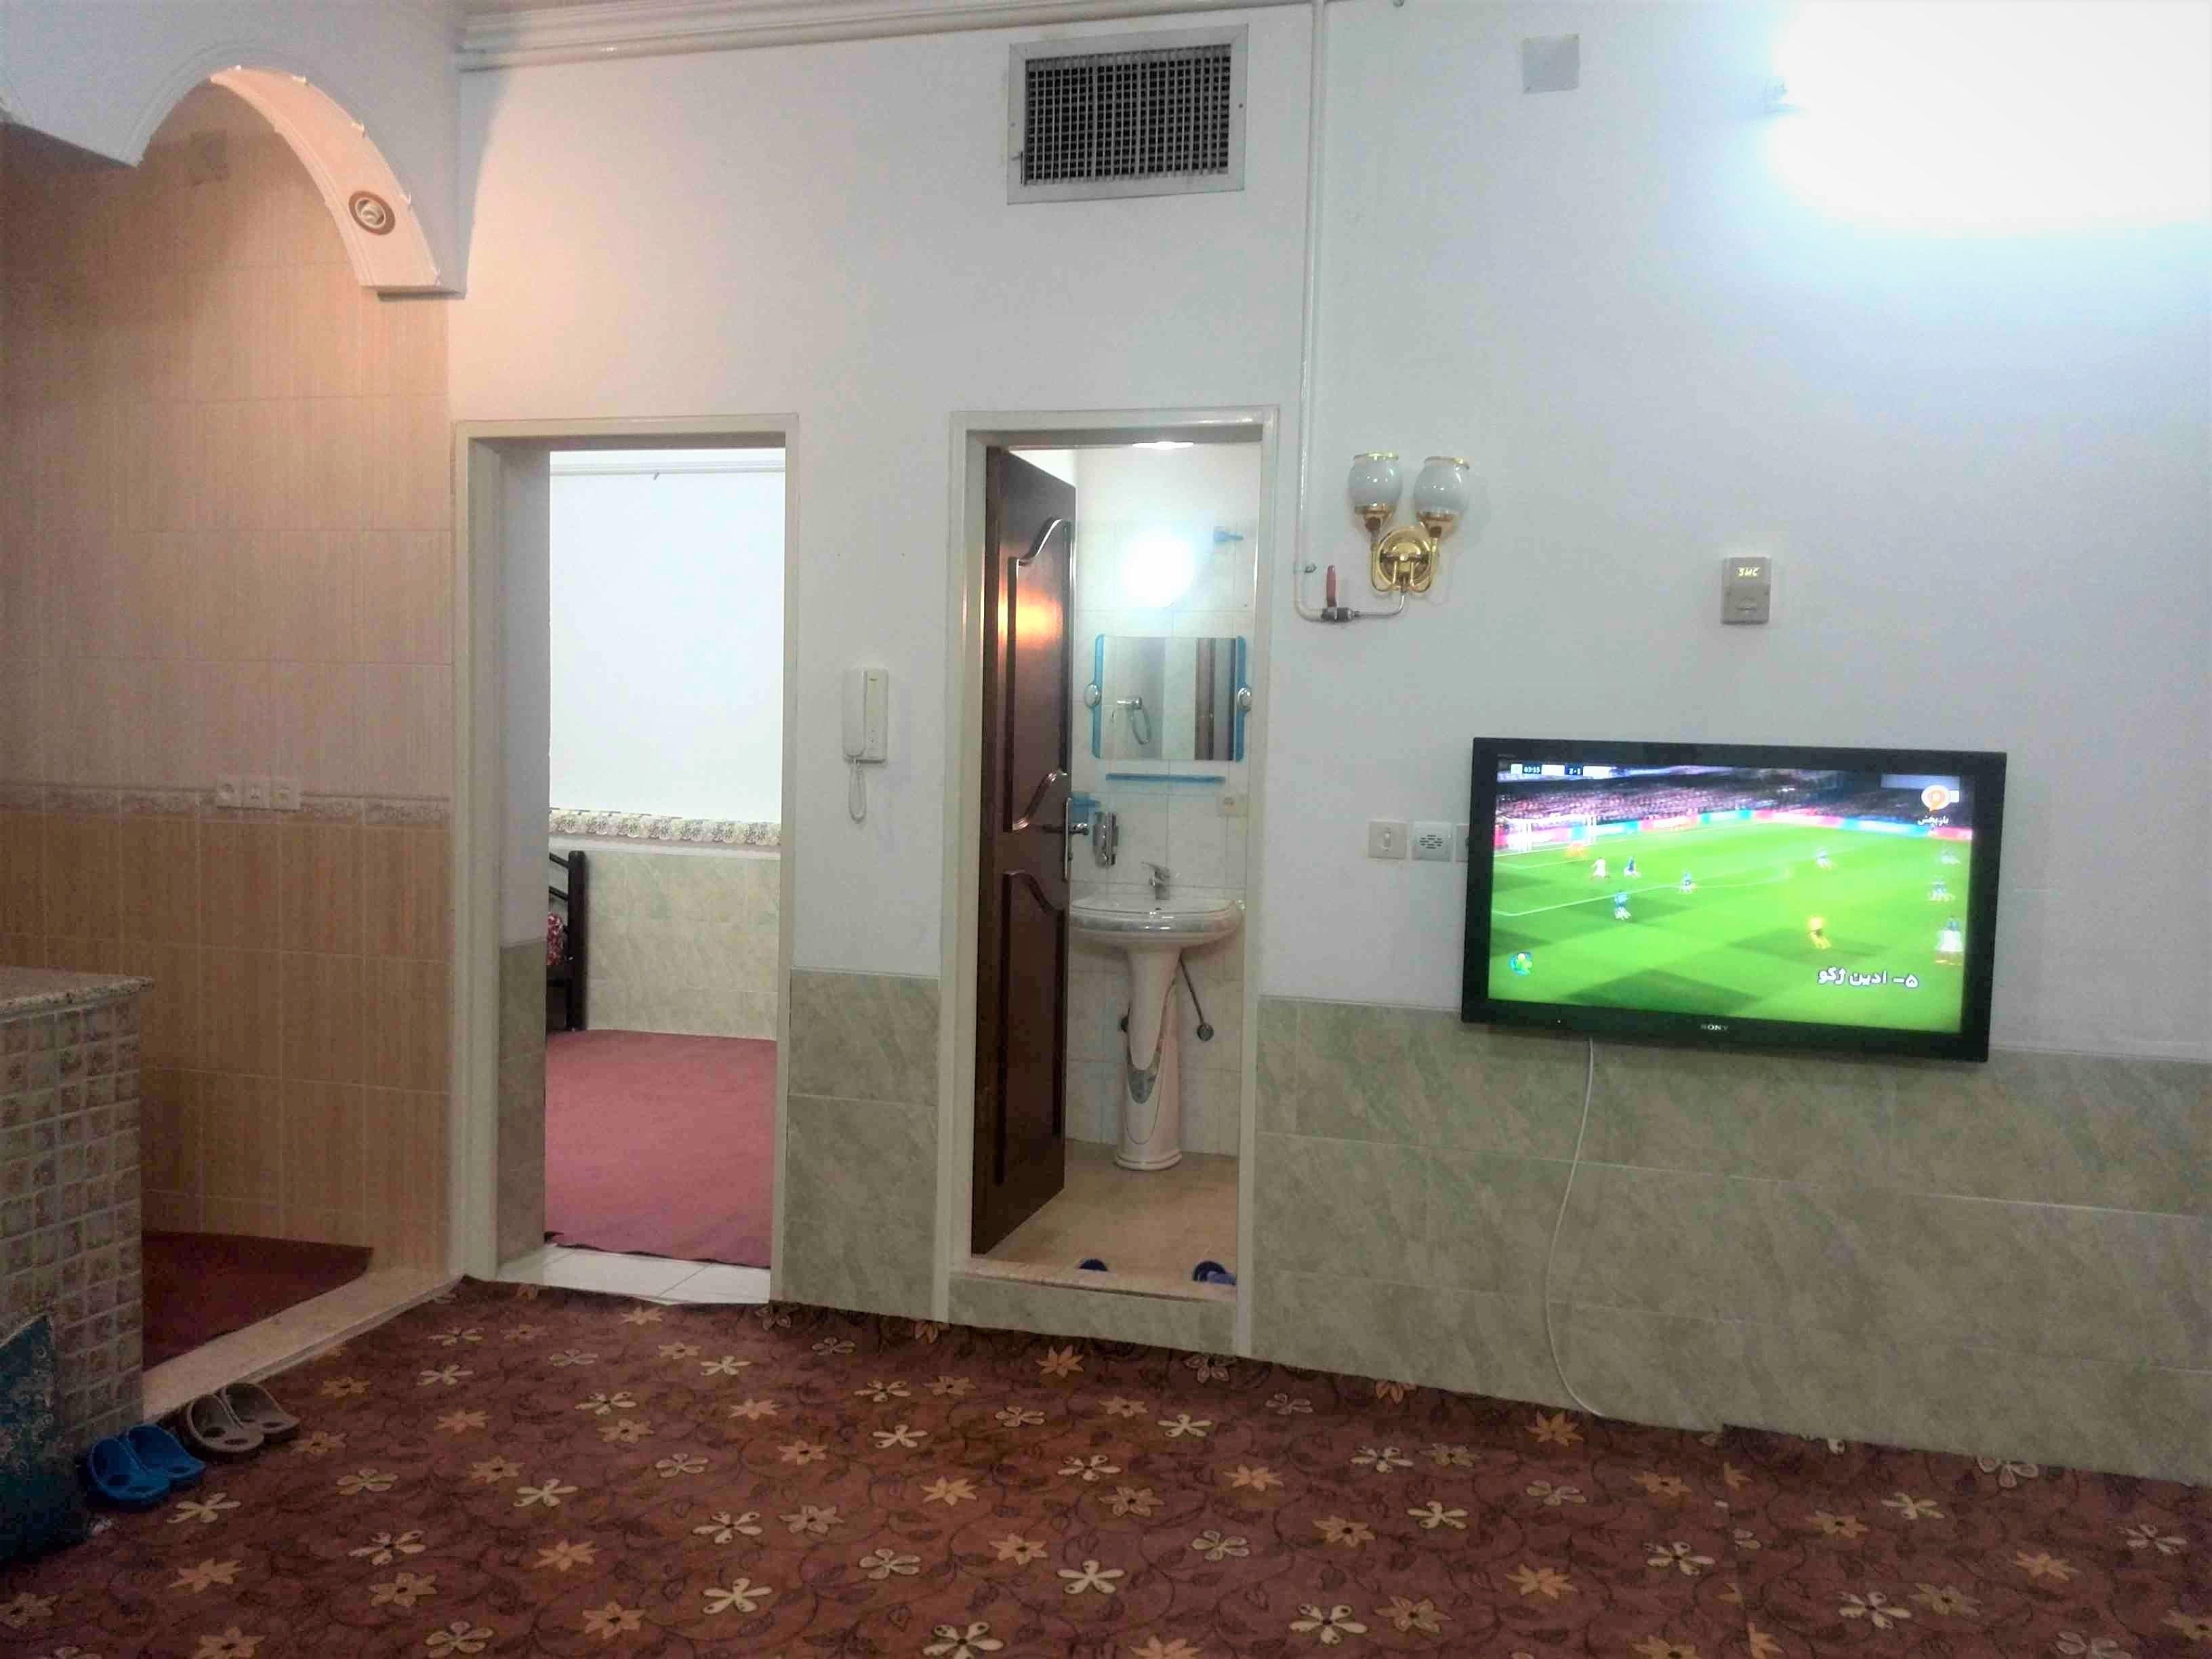 شهری منزل ویلایی مبله در آزادگان یزد - 2